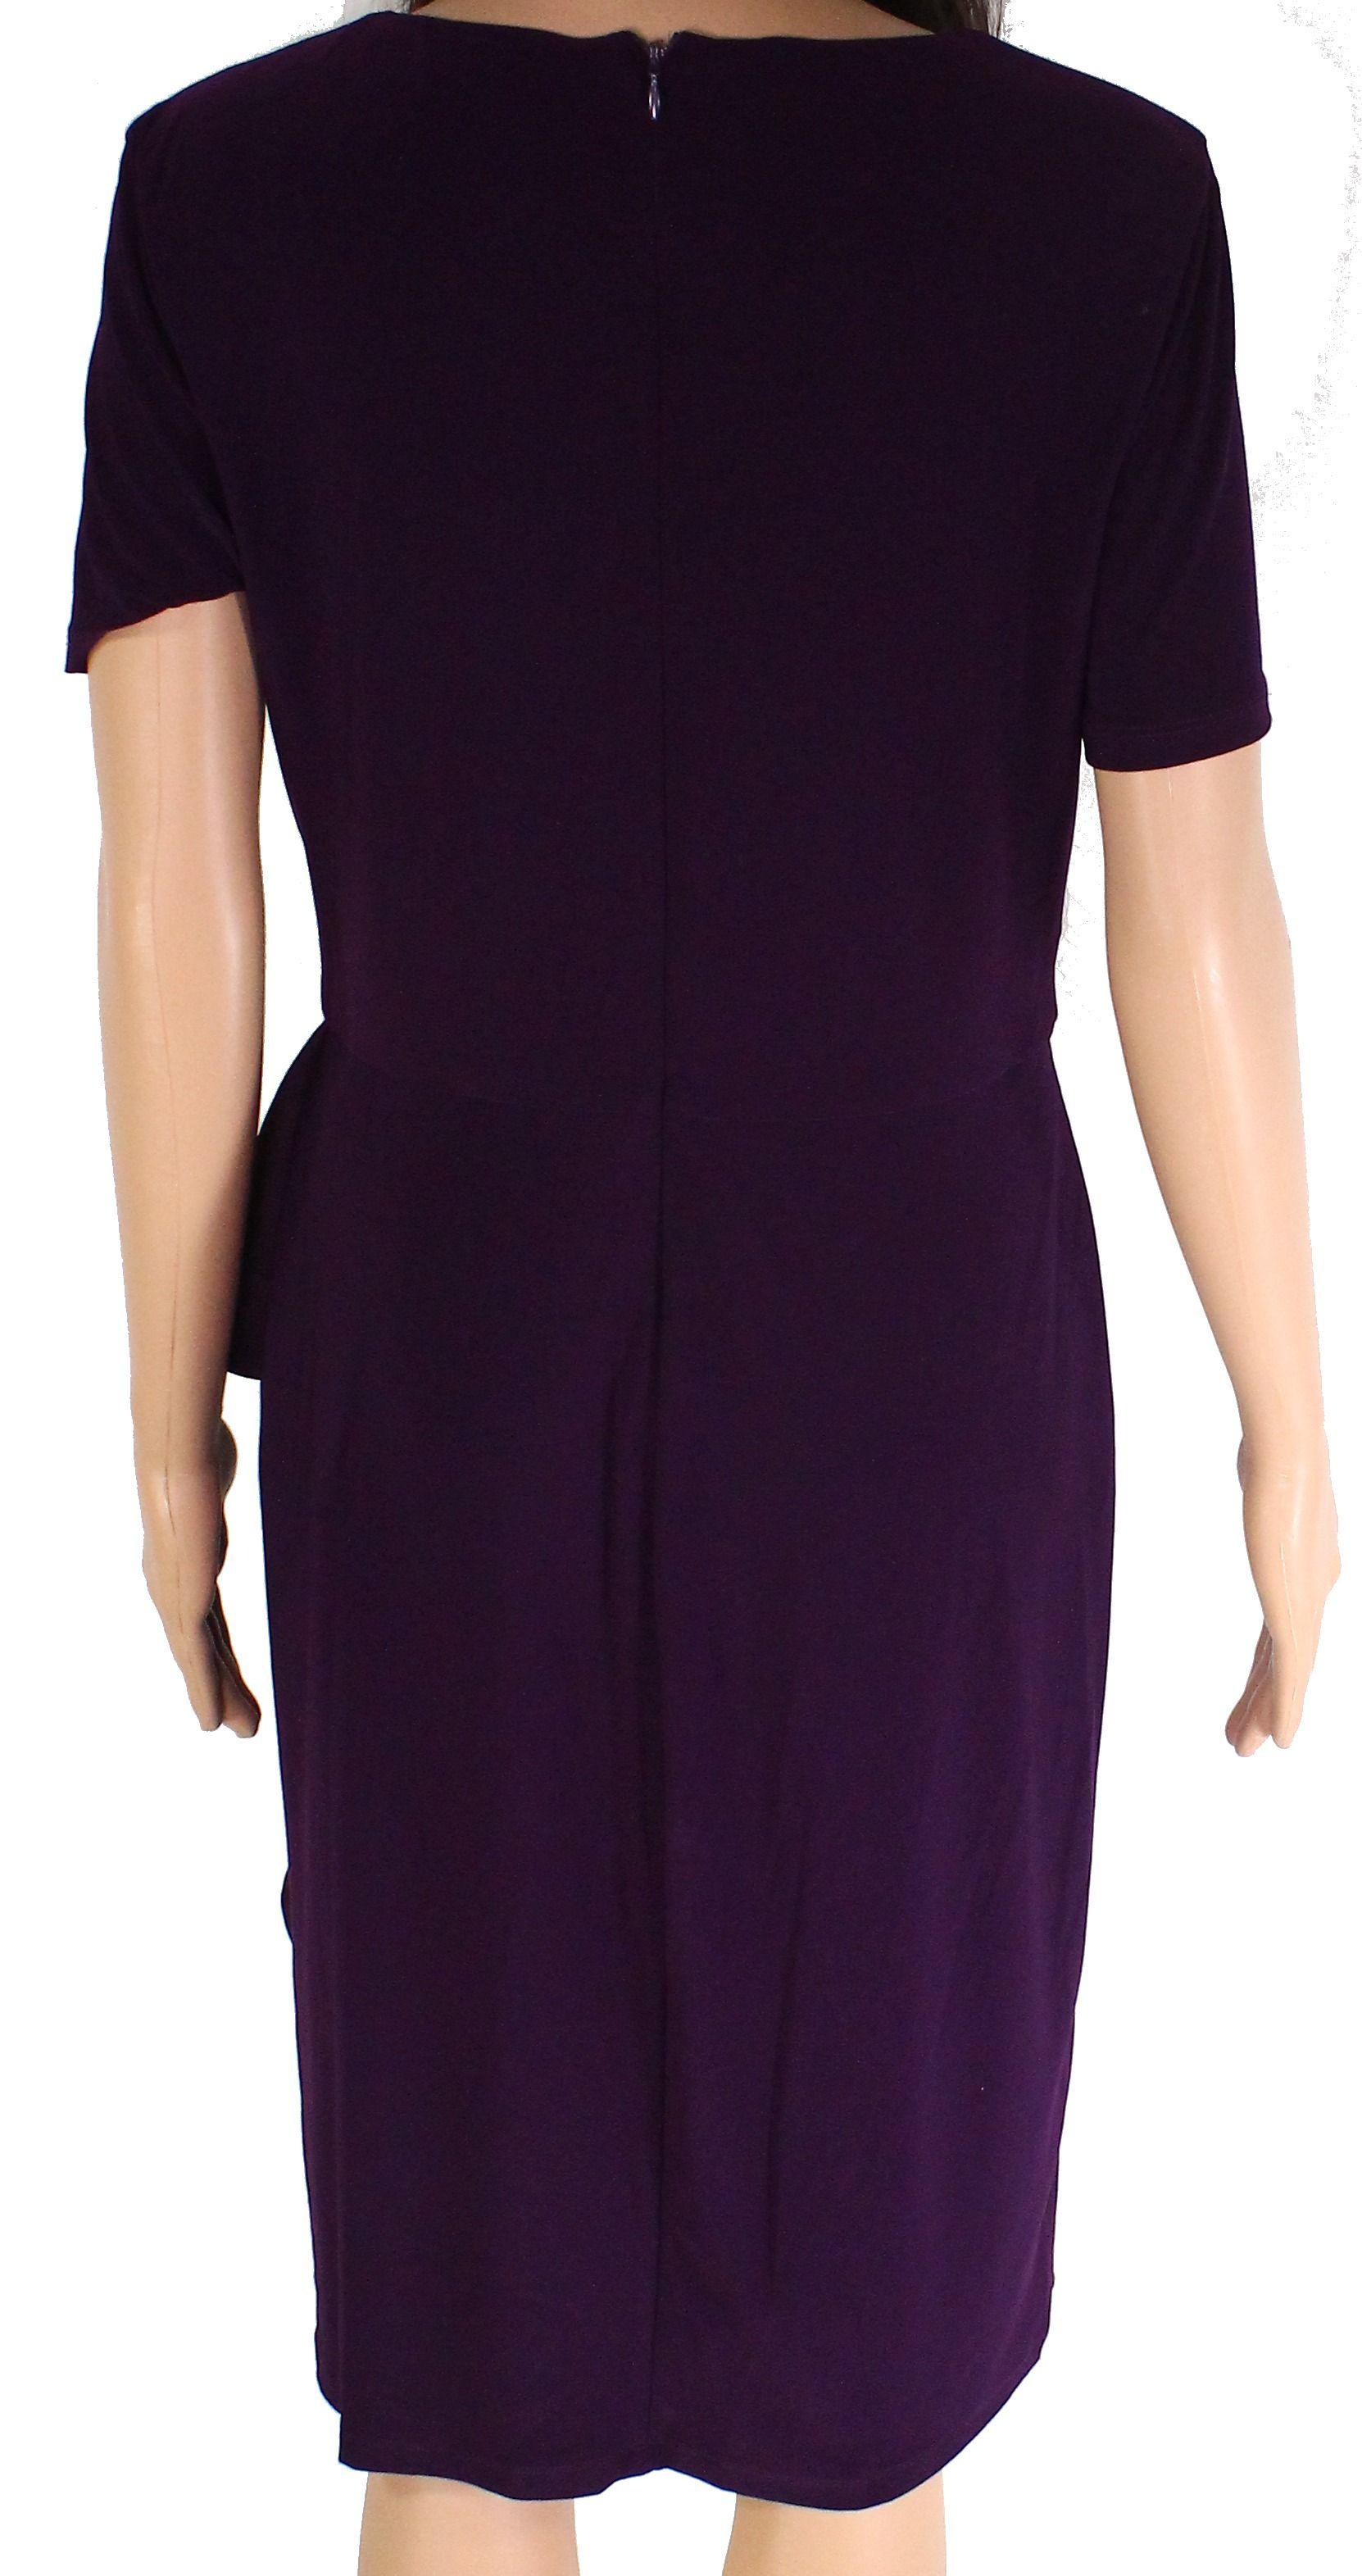 Lauren by Ralph Lauren Women's Dress Purple Size 4 Sheath Ruffle Side